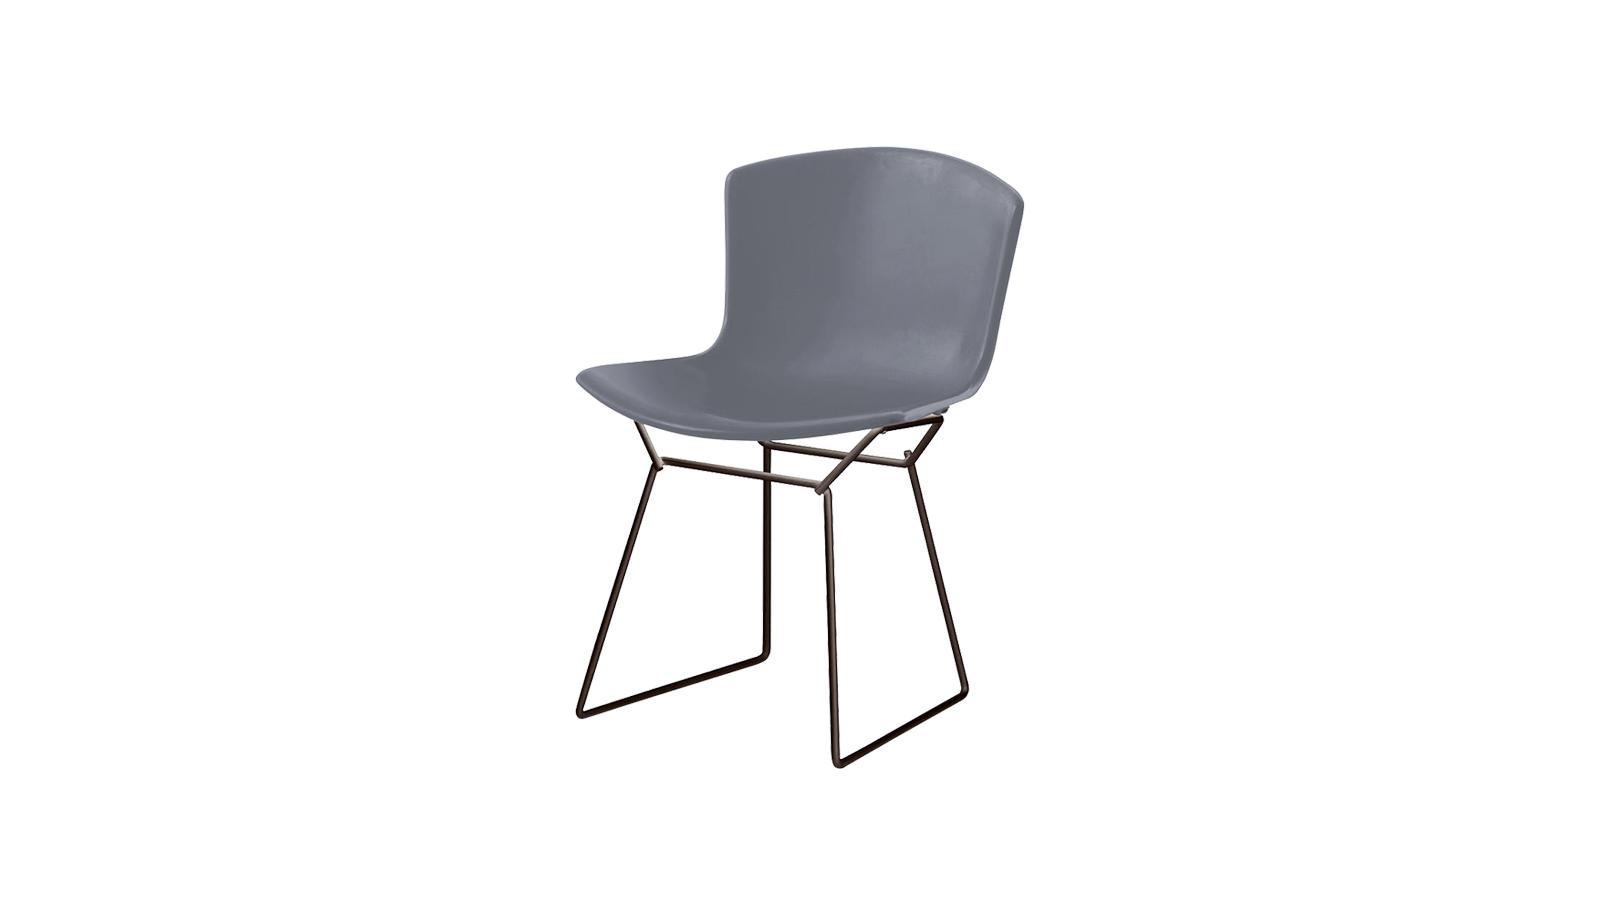 A Harry Bertoia által tervezett népszerű sorozat ugyanazon a drótvázon alapul, amelyen a Diamond-székek. Ez a teljesen kárpitozott verzió puhaságot és kényelmet biztosít, és akár kültérben is jó szolgálatot tehet.